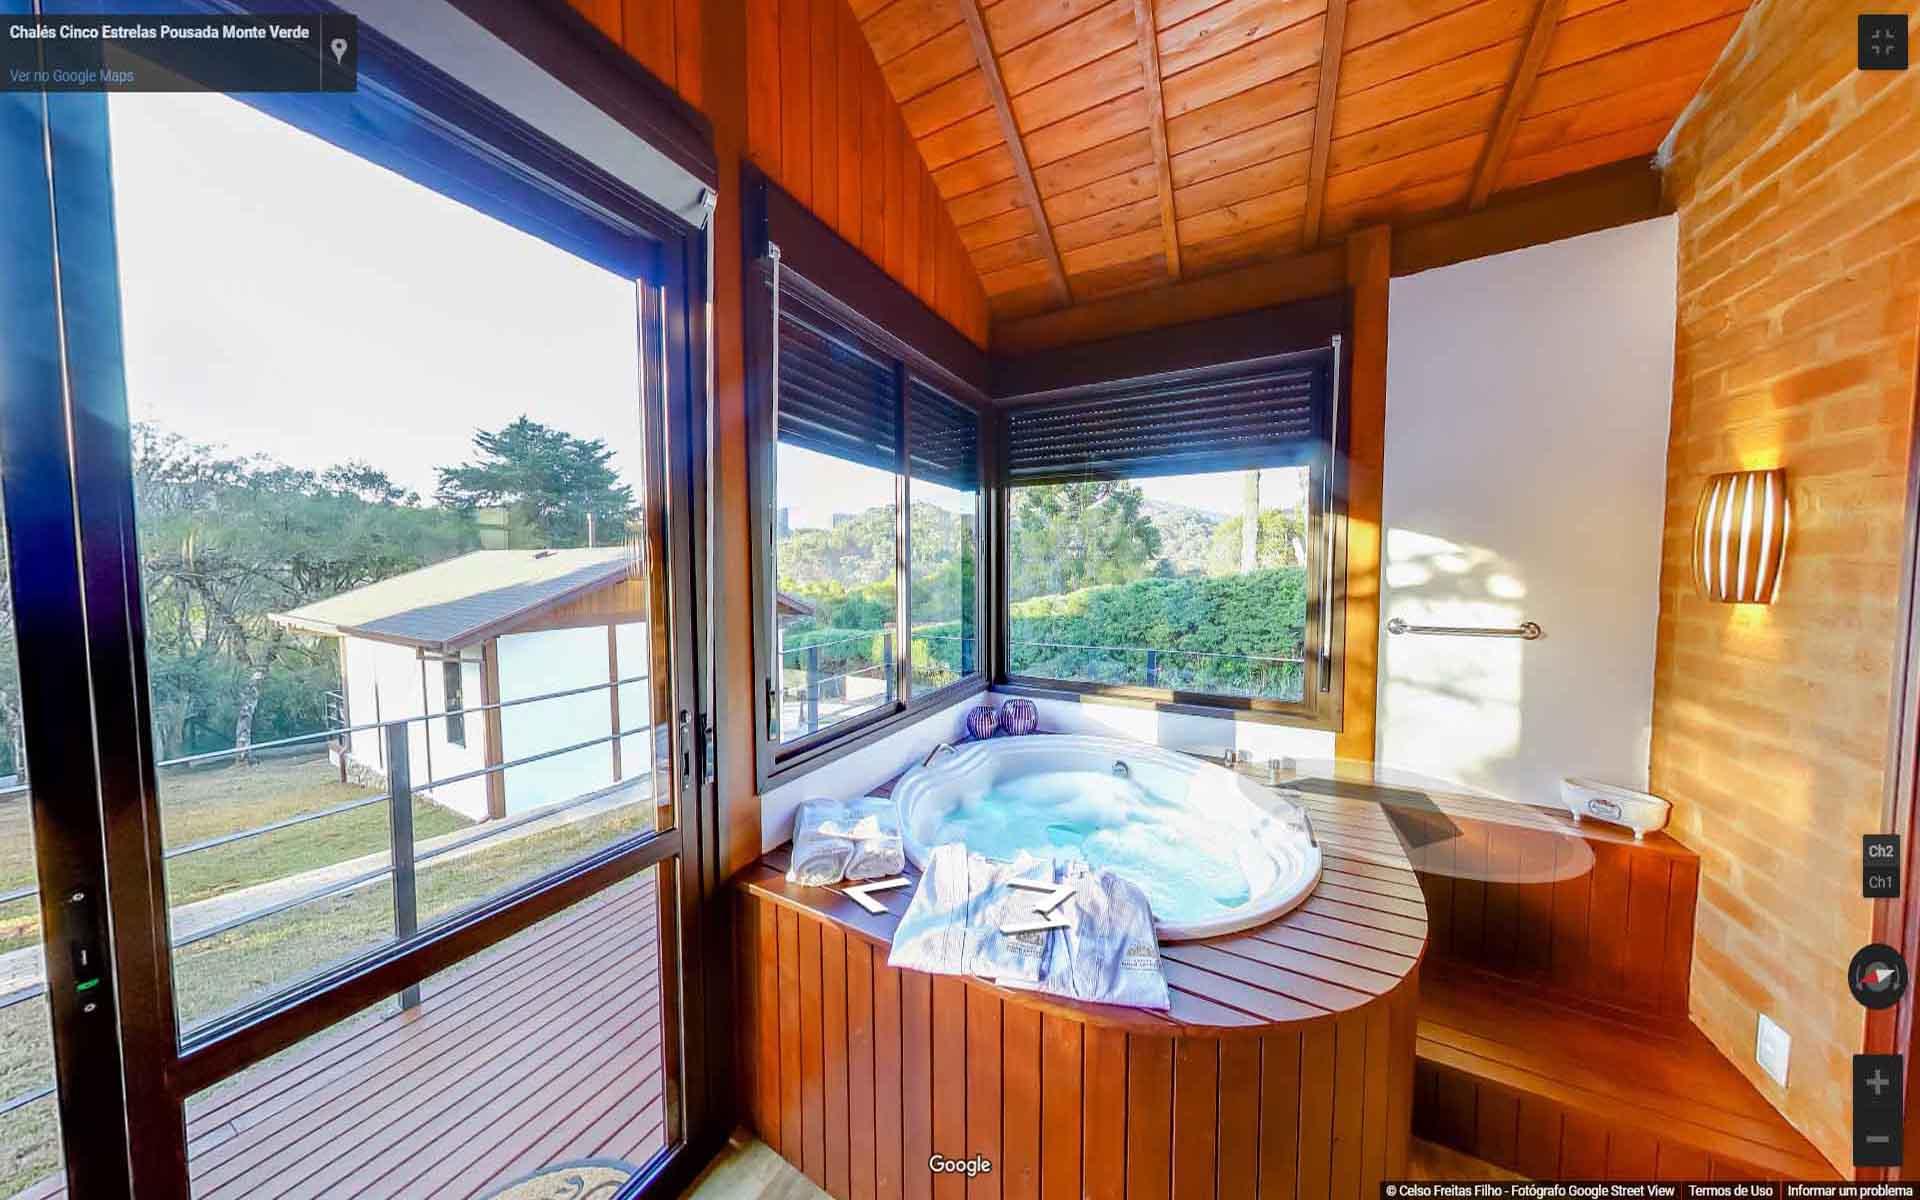 Por que hotéis e pousadas devem investir em tour virtual e fotos 360º?